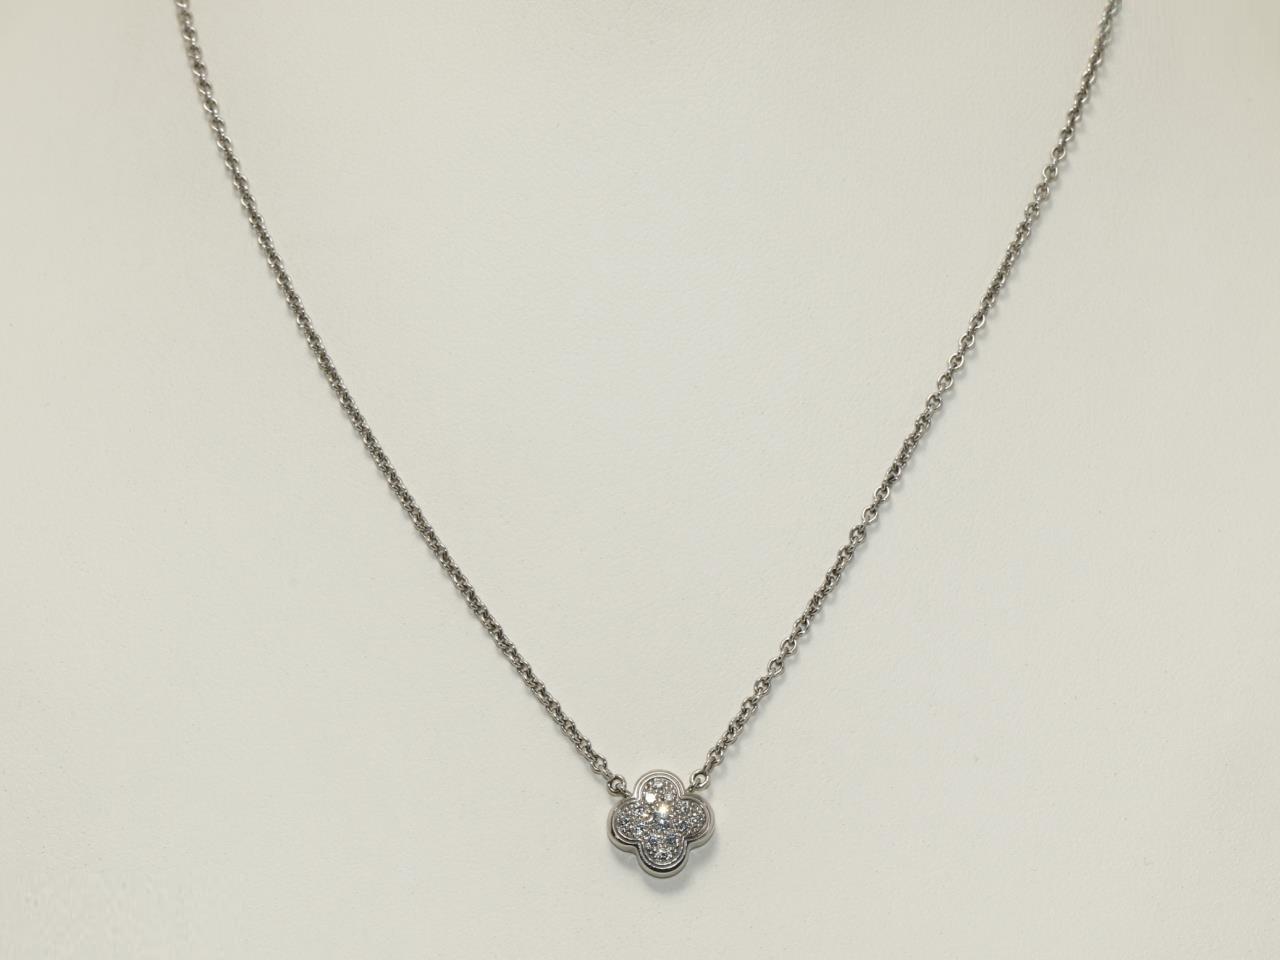 ダイヤモンド買取 ヴァンクリーフ&アーペル